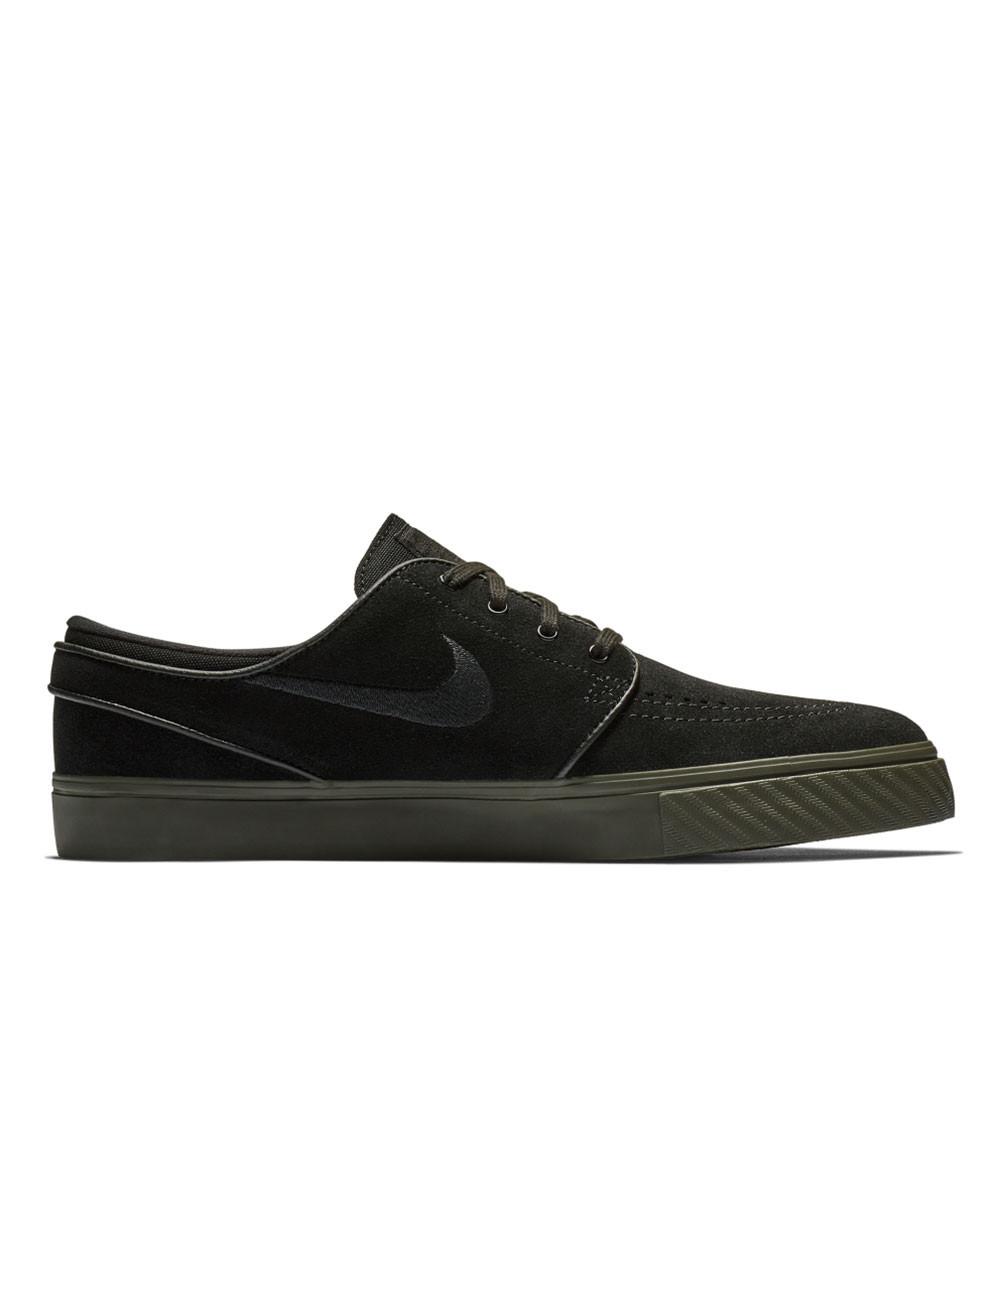 Nike sb Zoom stefan janoski - 333824-072 | Shapestore.it